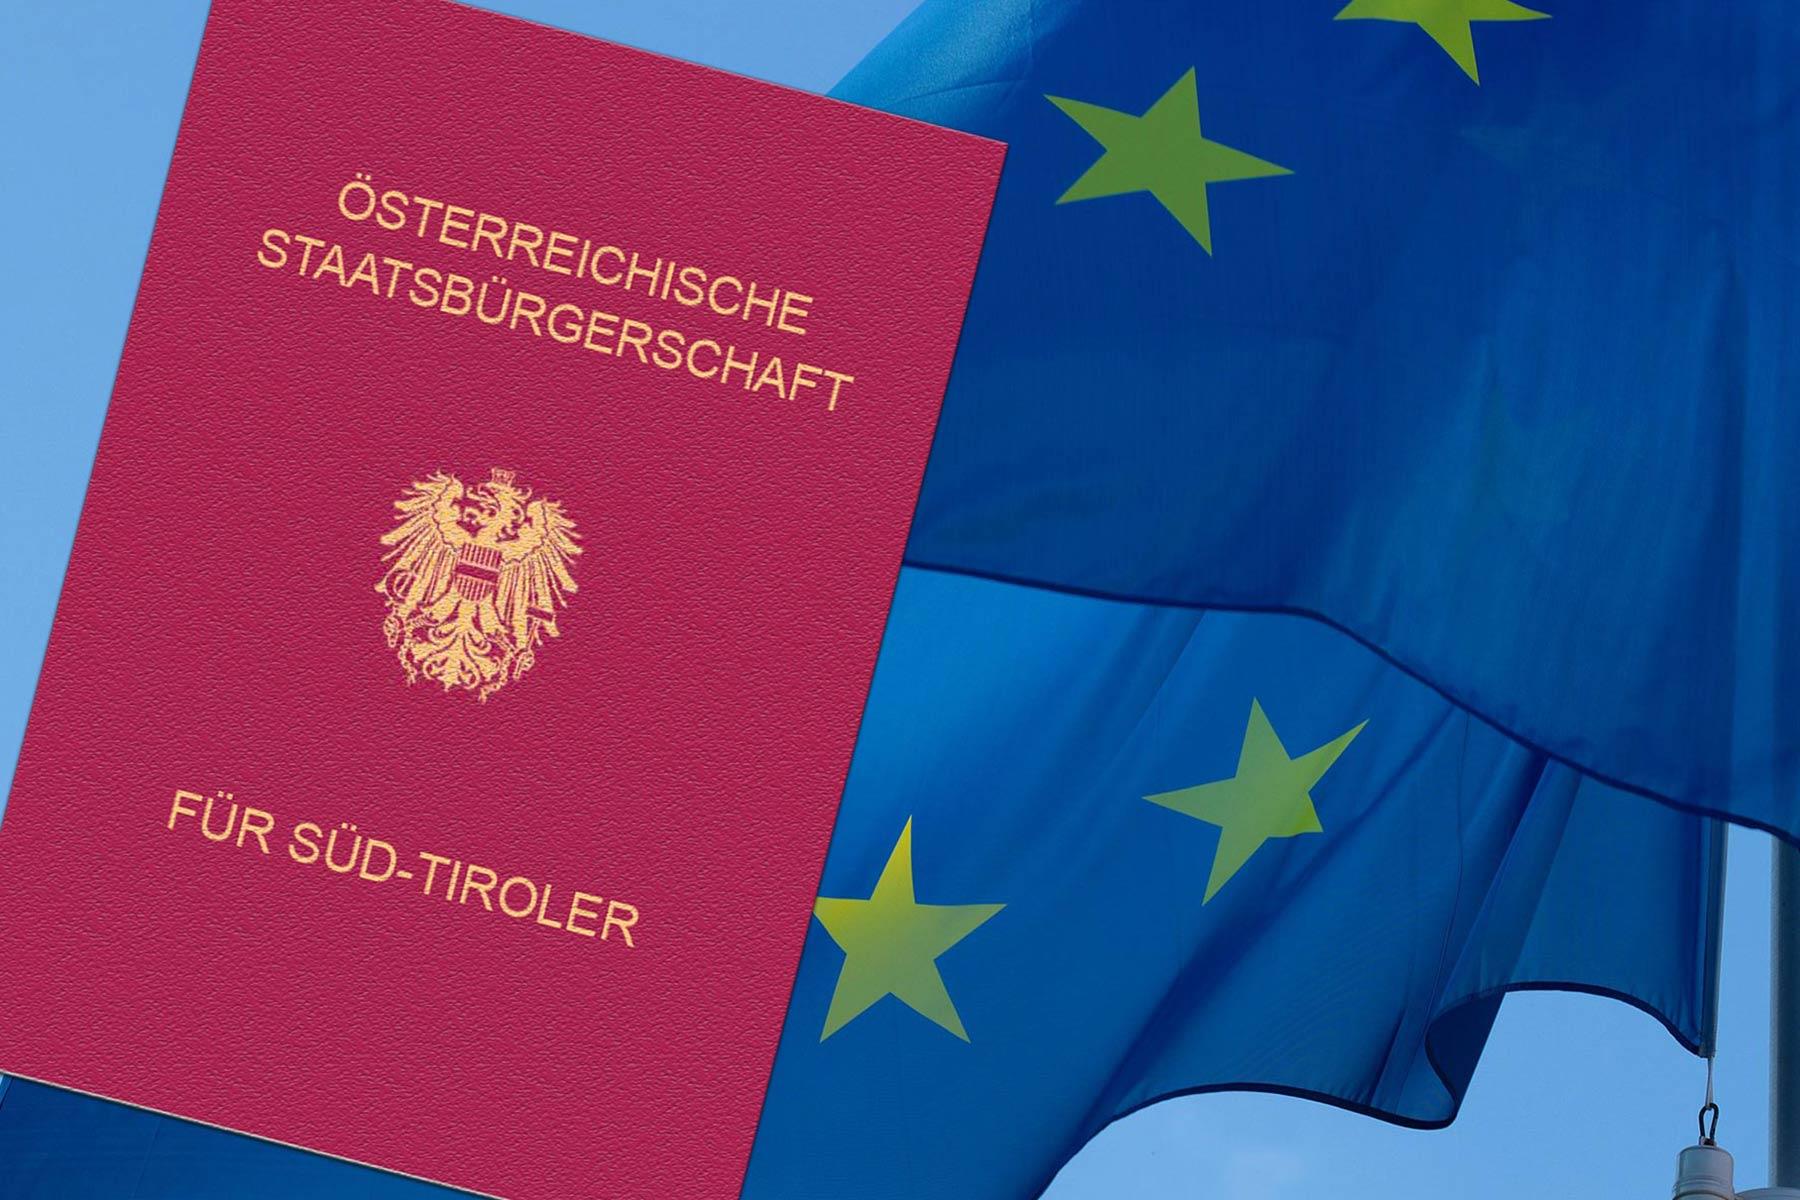 Europa unterstützt Doppelpass Maylis Rossberg – Südschleswigscher Wählerverband